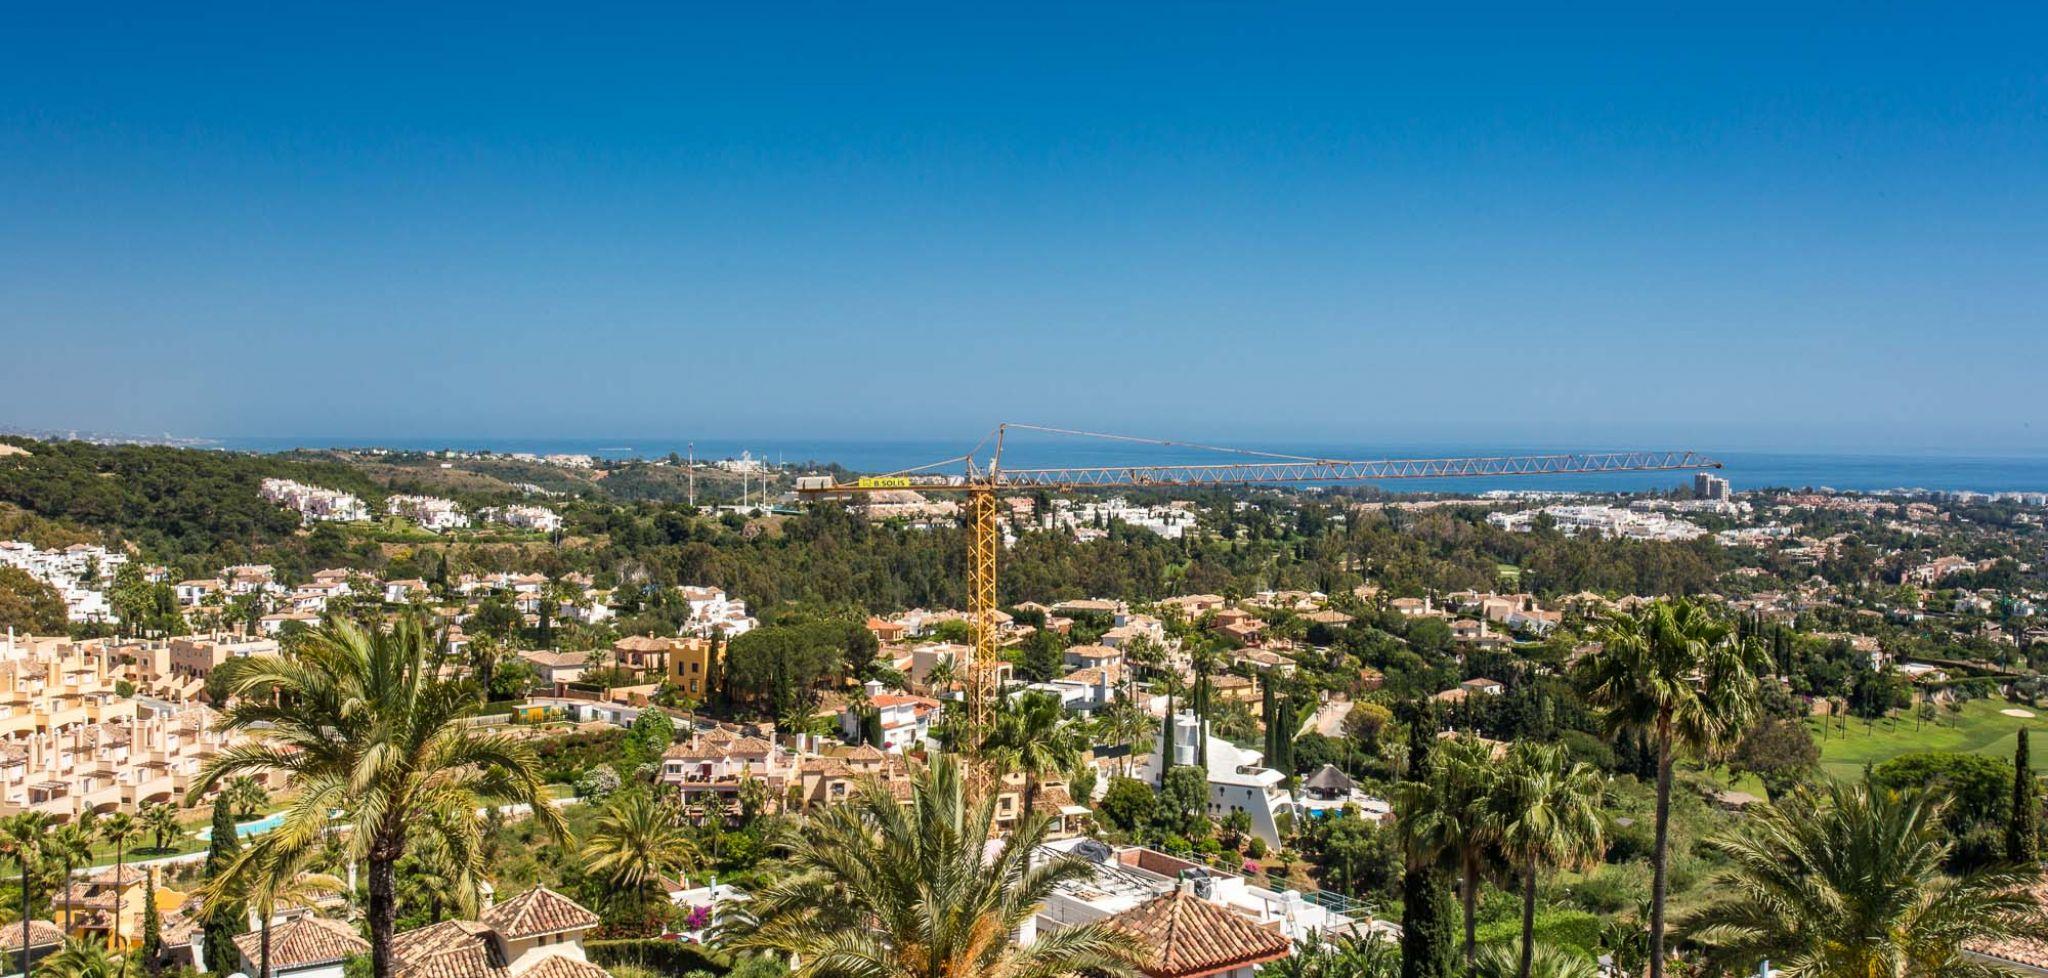 Ático duplex con vistas panorámicas al mar en el Valle del Golf, Marbella